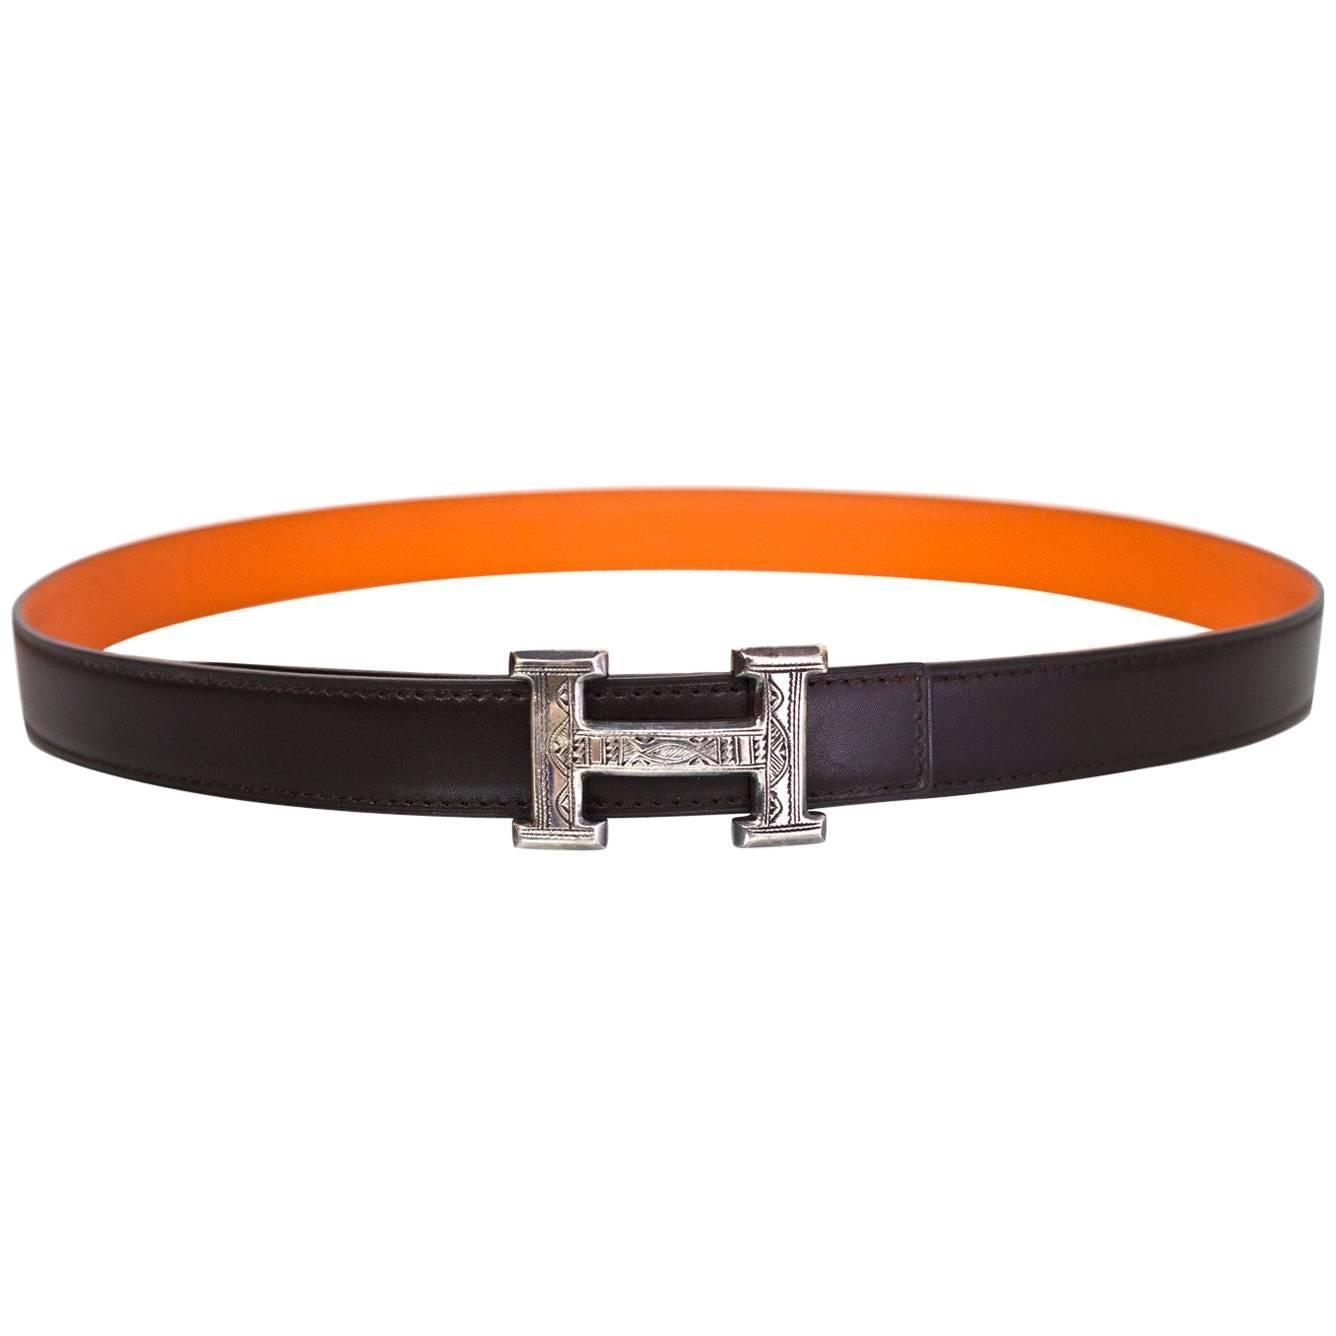 M 85 Hermes Belt